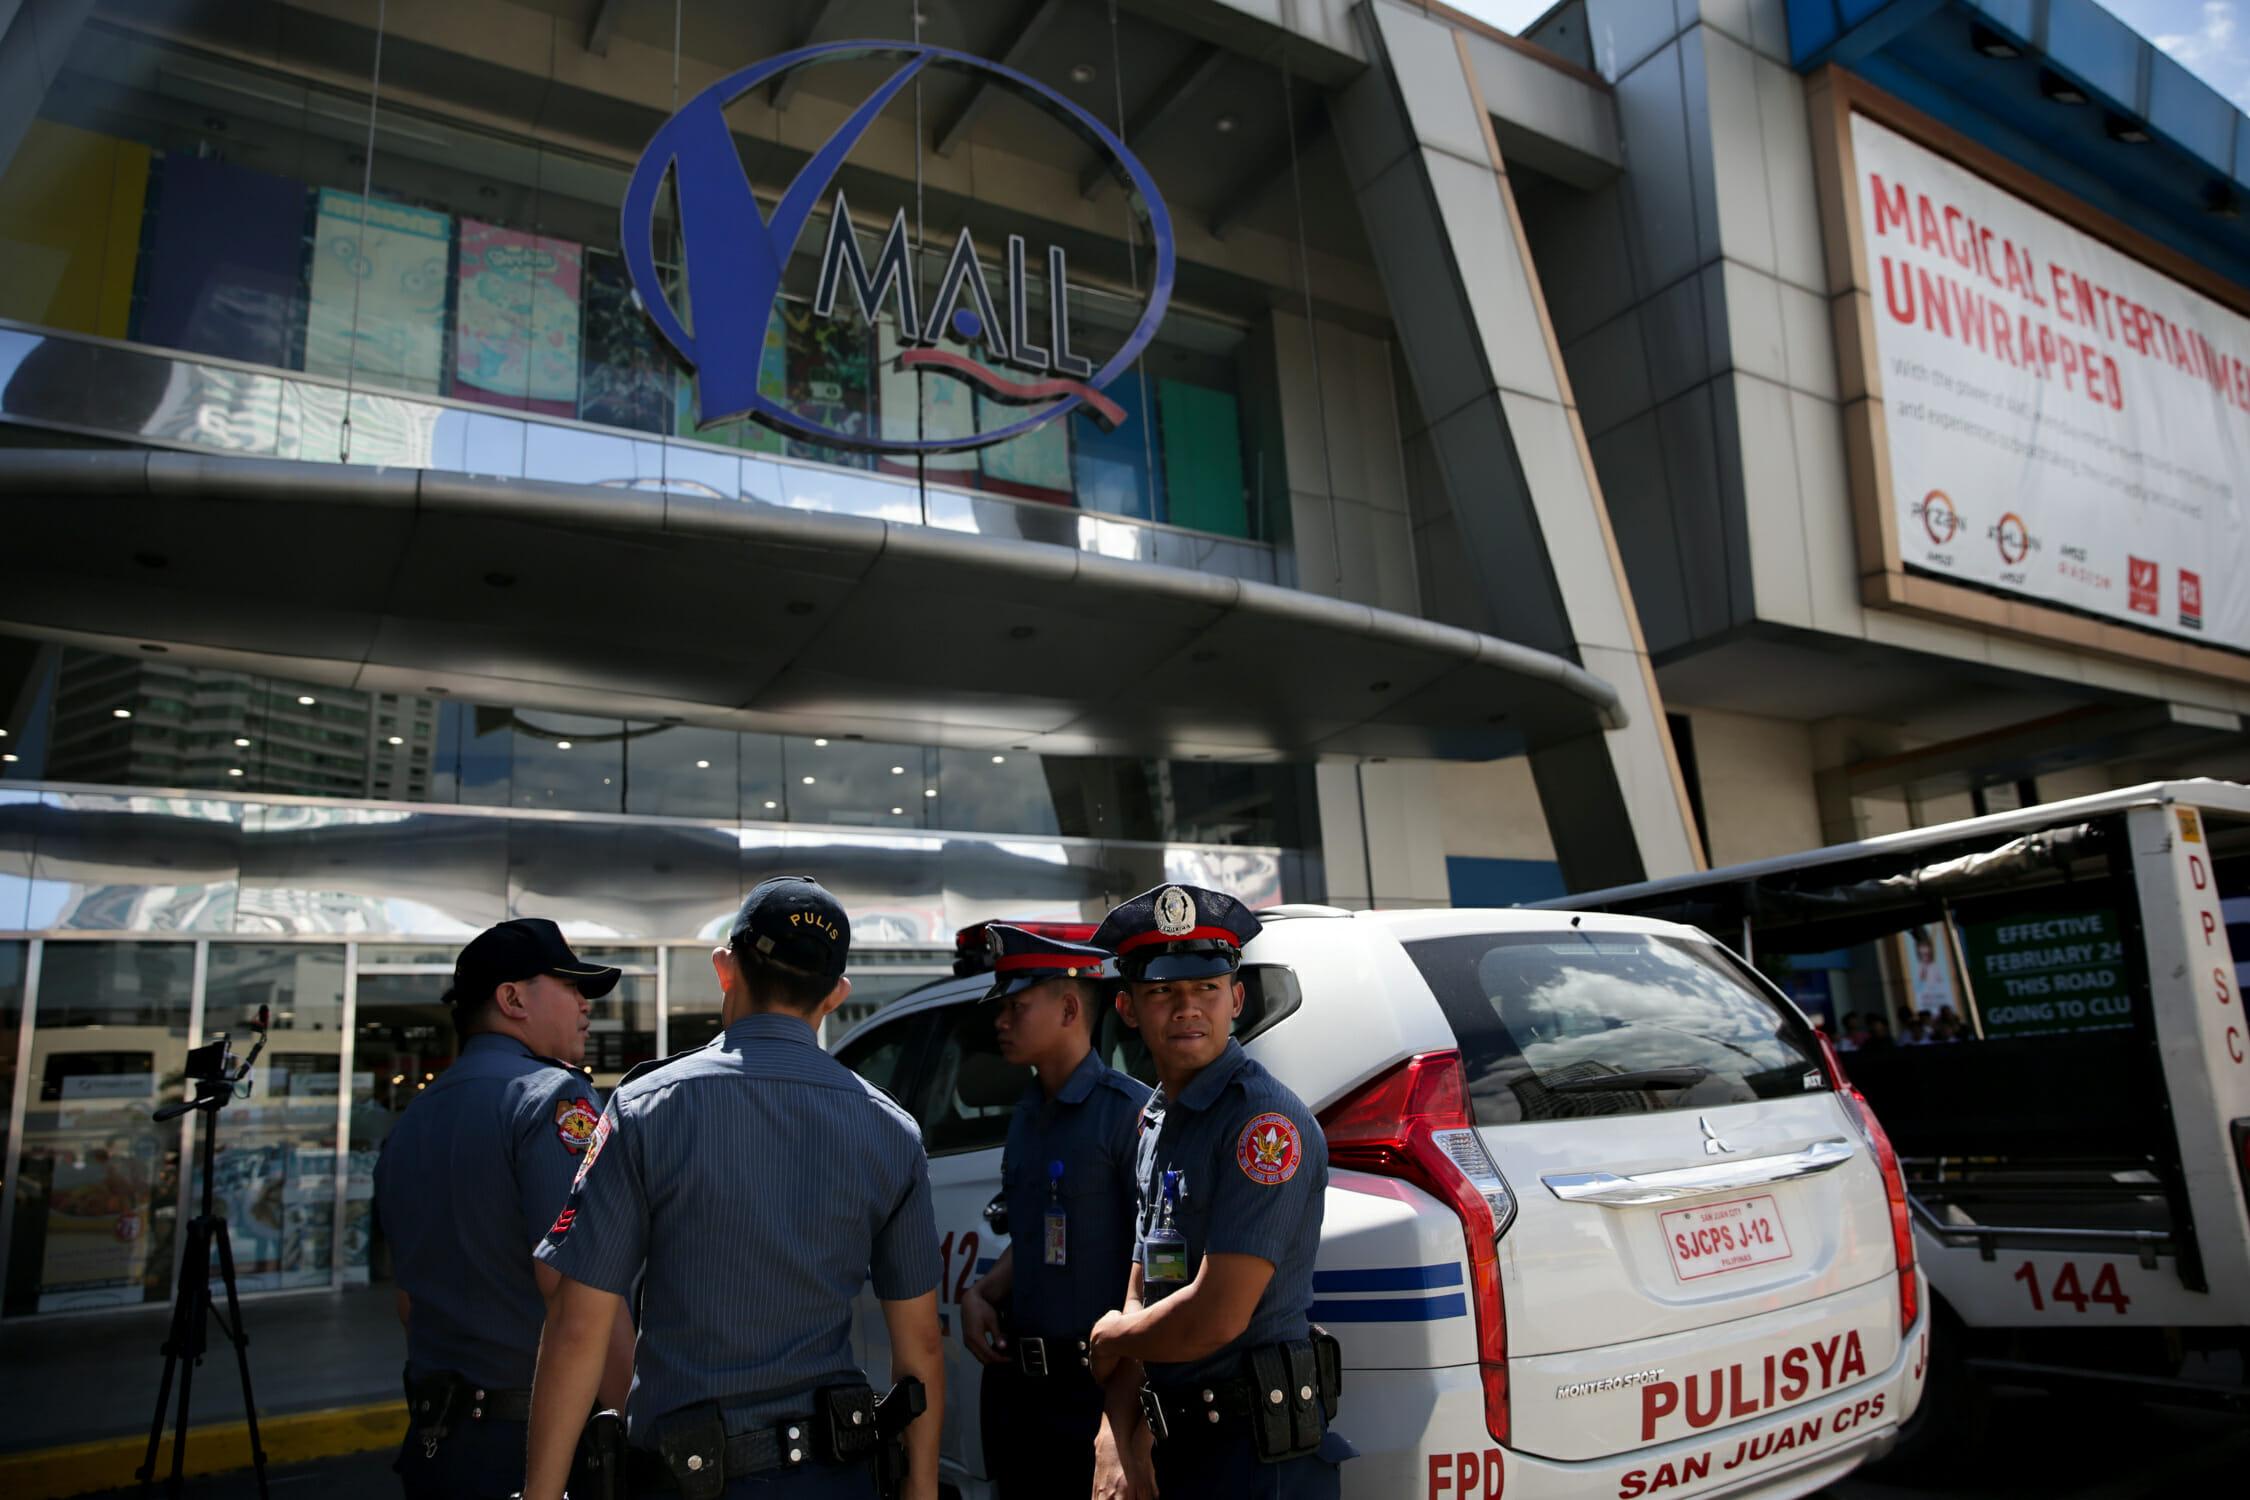 Αγωνία στις Φιλιππίνες! Συνεχείς οι διαπραγματεύσεις για να λήξει η ομηρία σε εμπορικό κέντρο